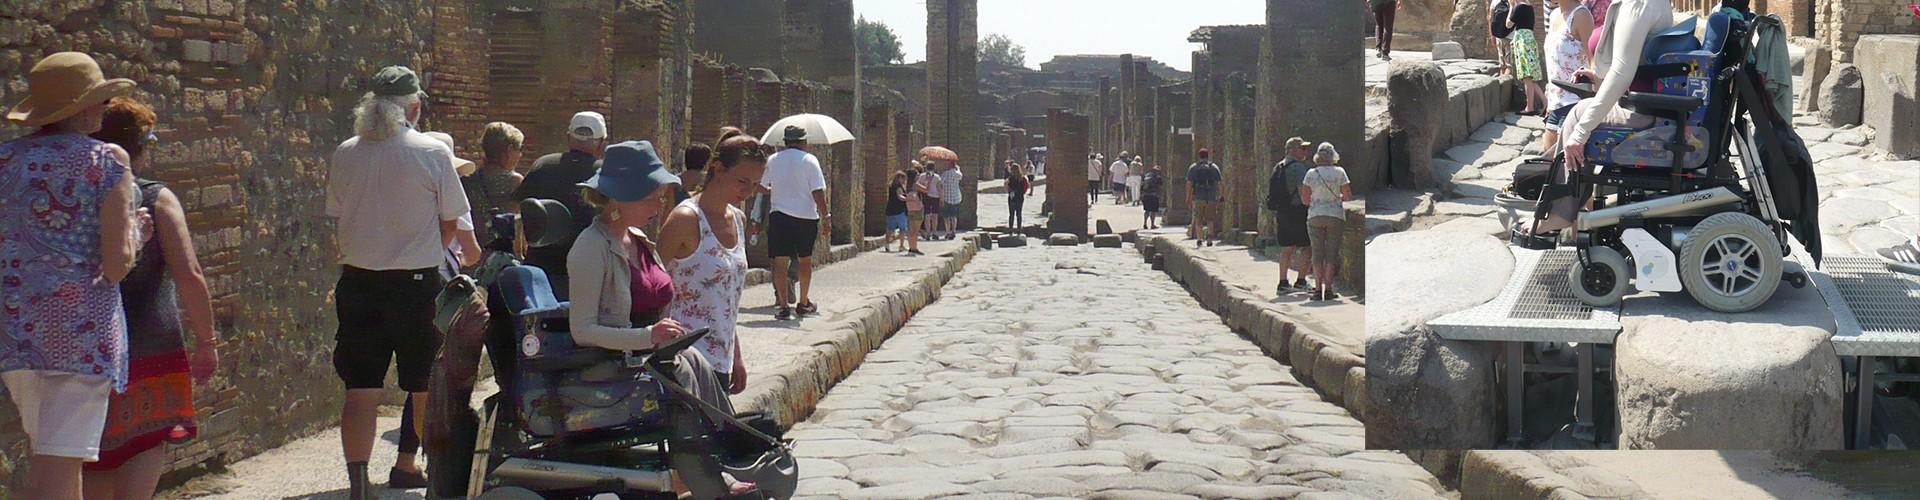 Man sieht eine Frau im Elektrorollstuhl von in einer Ruinenstadt von links nach rechts über eine Art Steg mit großen Steinen fahren. Damit das möglich ist sind die großen Zwischenräume mit Metallgittern ausgefüllt. Rechts oben ein zweites Foto dass die Rampe aus der Nähe zeigt.